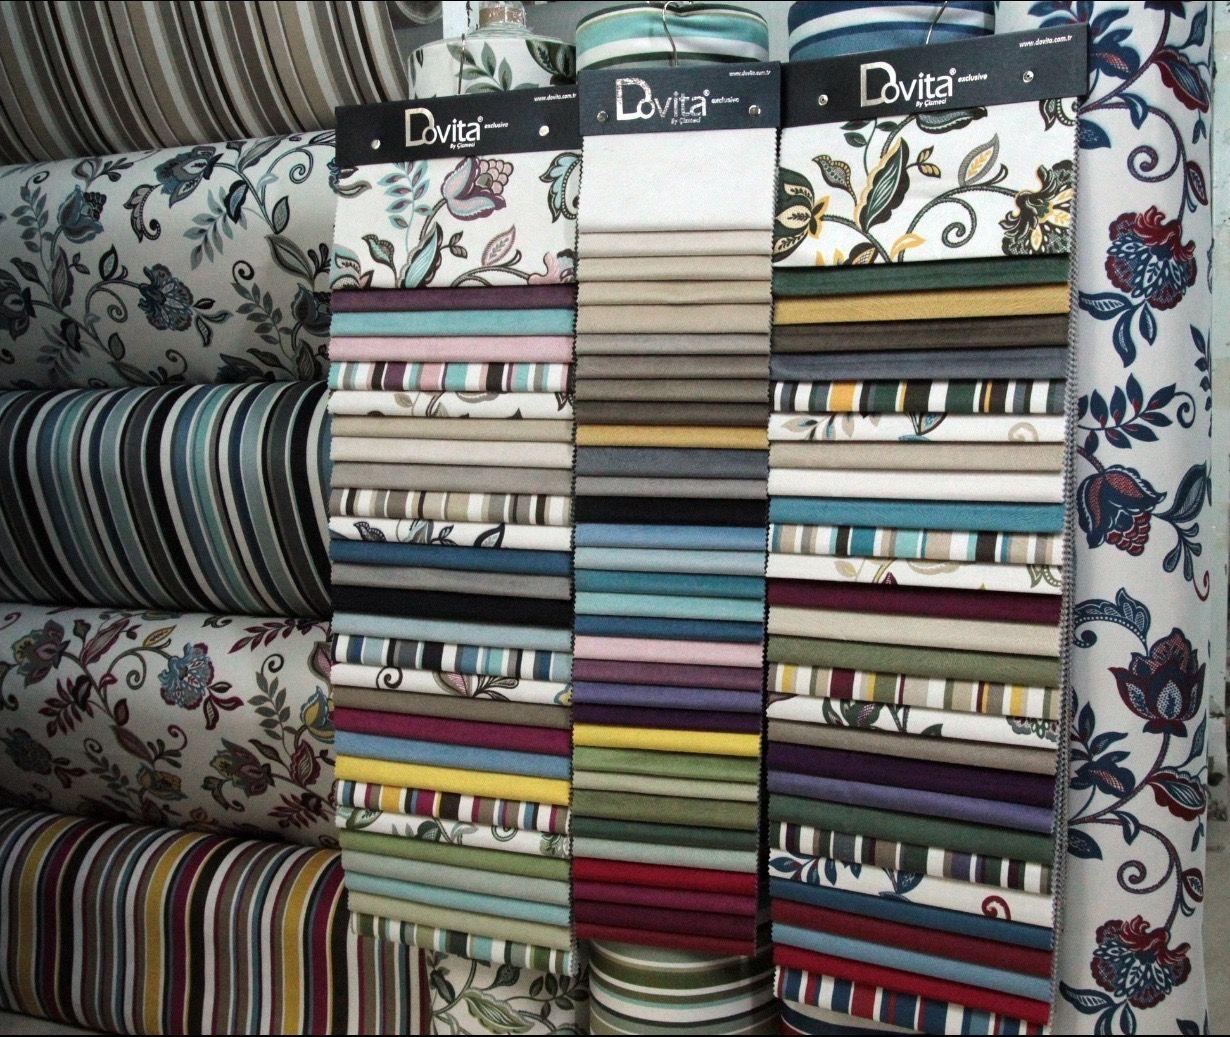 Dovita Dosemelik Kumas Istanbul Taytuyu Bahar Serisi Instagram Dovitakumas Interiordesign Homedecoration Homedecor D Dosemelik Kumaslar Kumas Mobilya